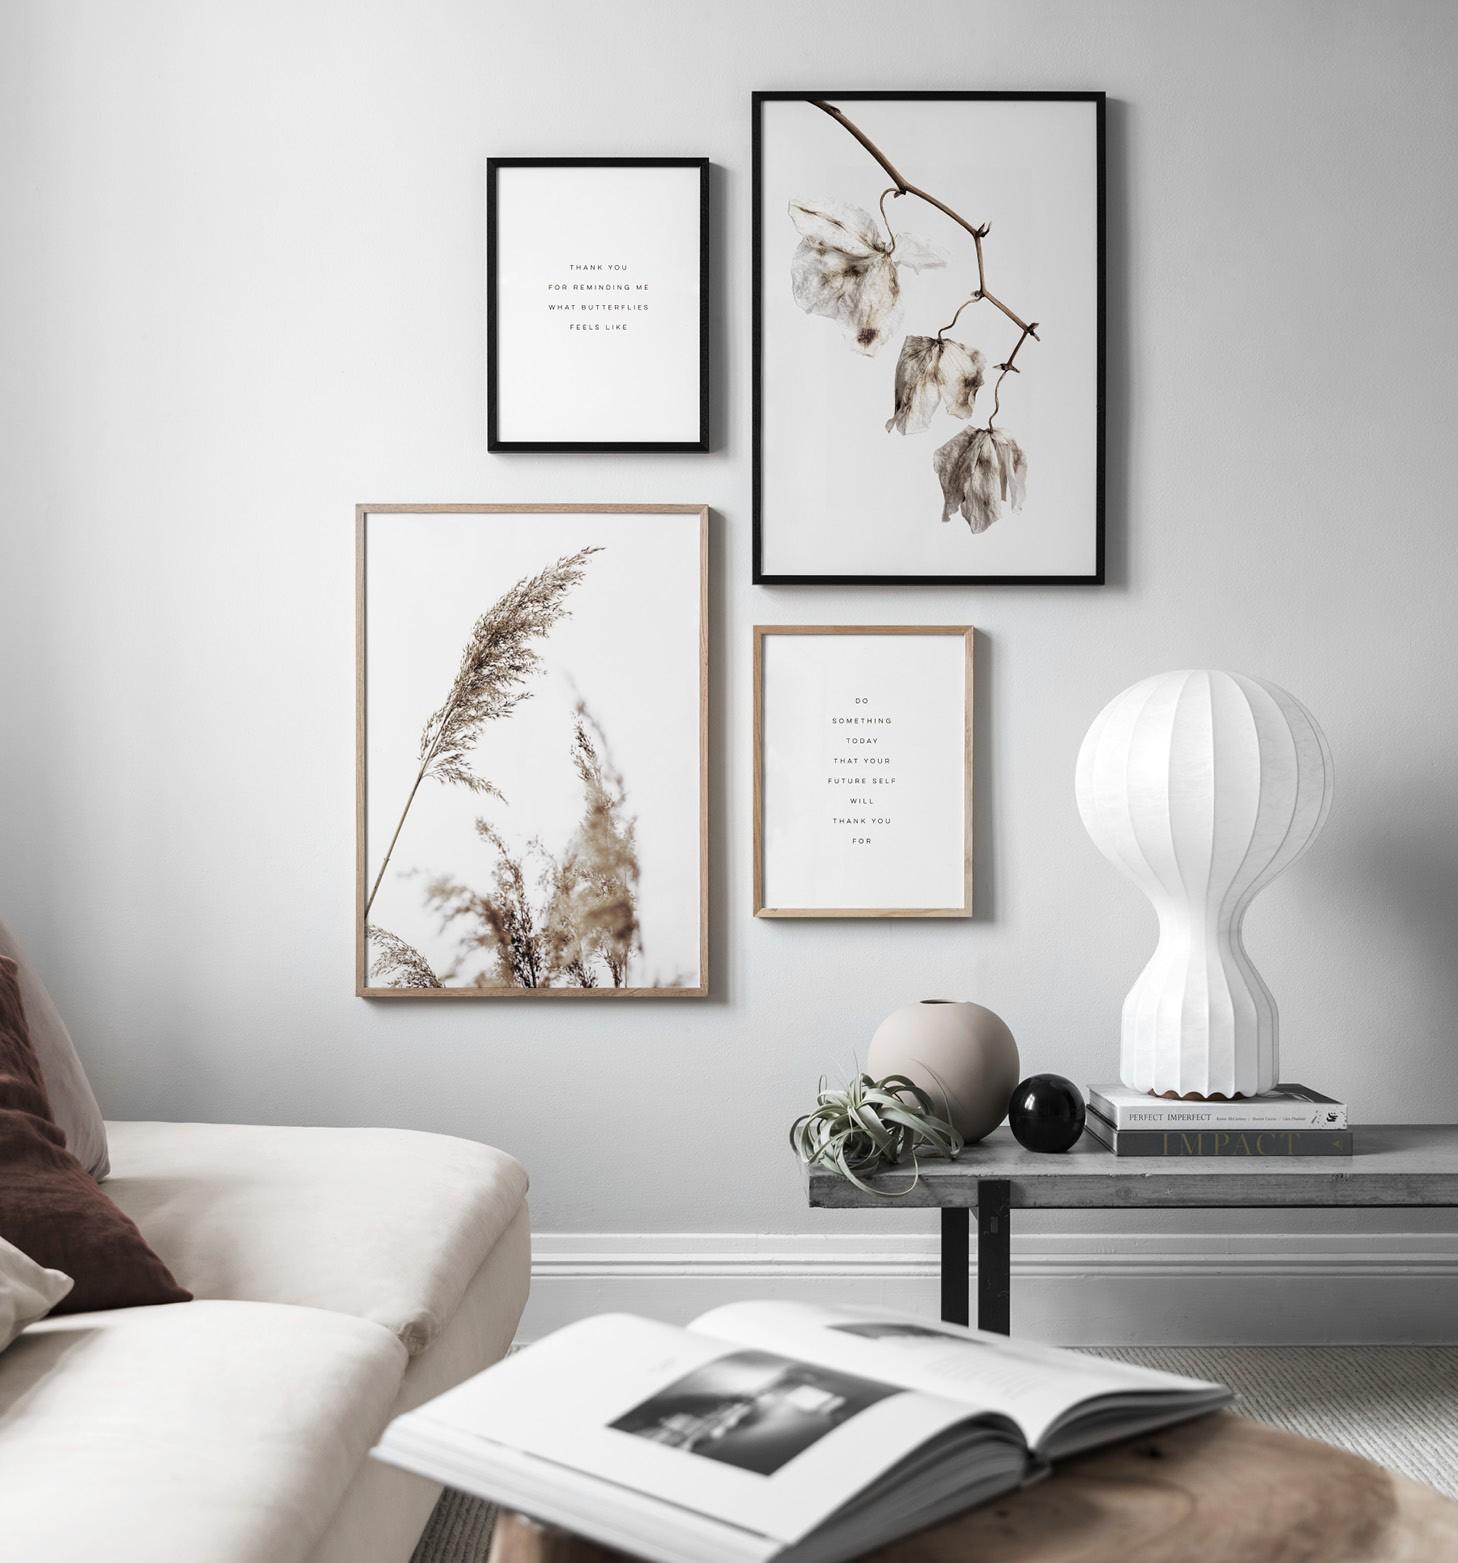 Wohnzimmer Bilderwand Wohnzimmer Fotowand Alles Uber Wohndesign